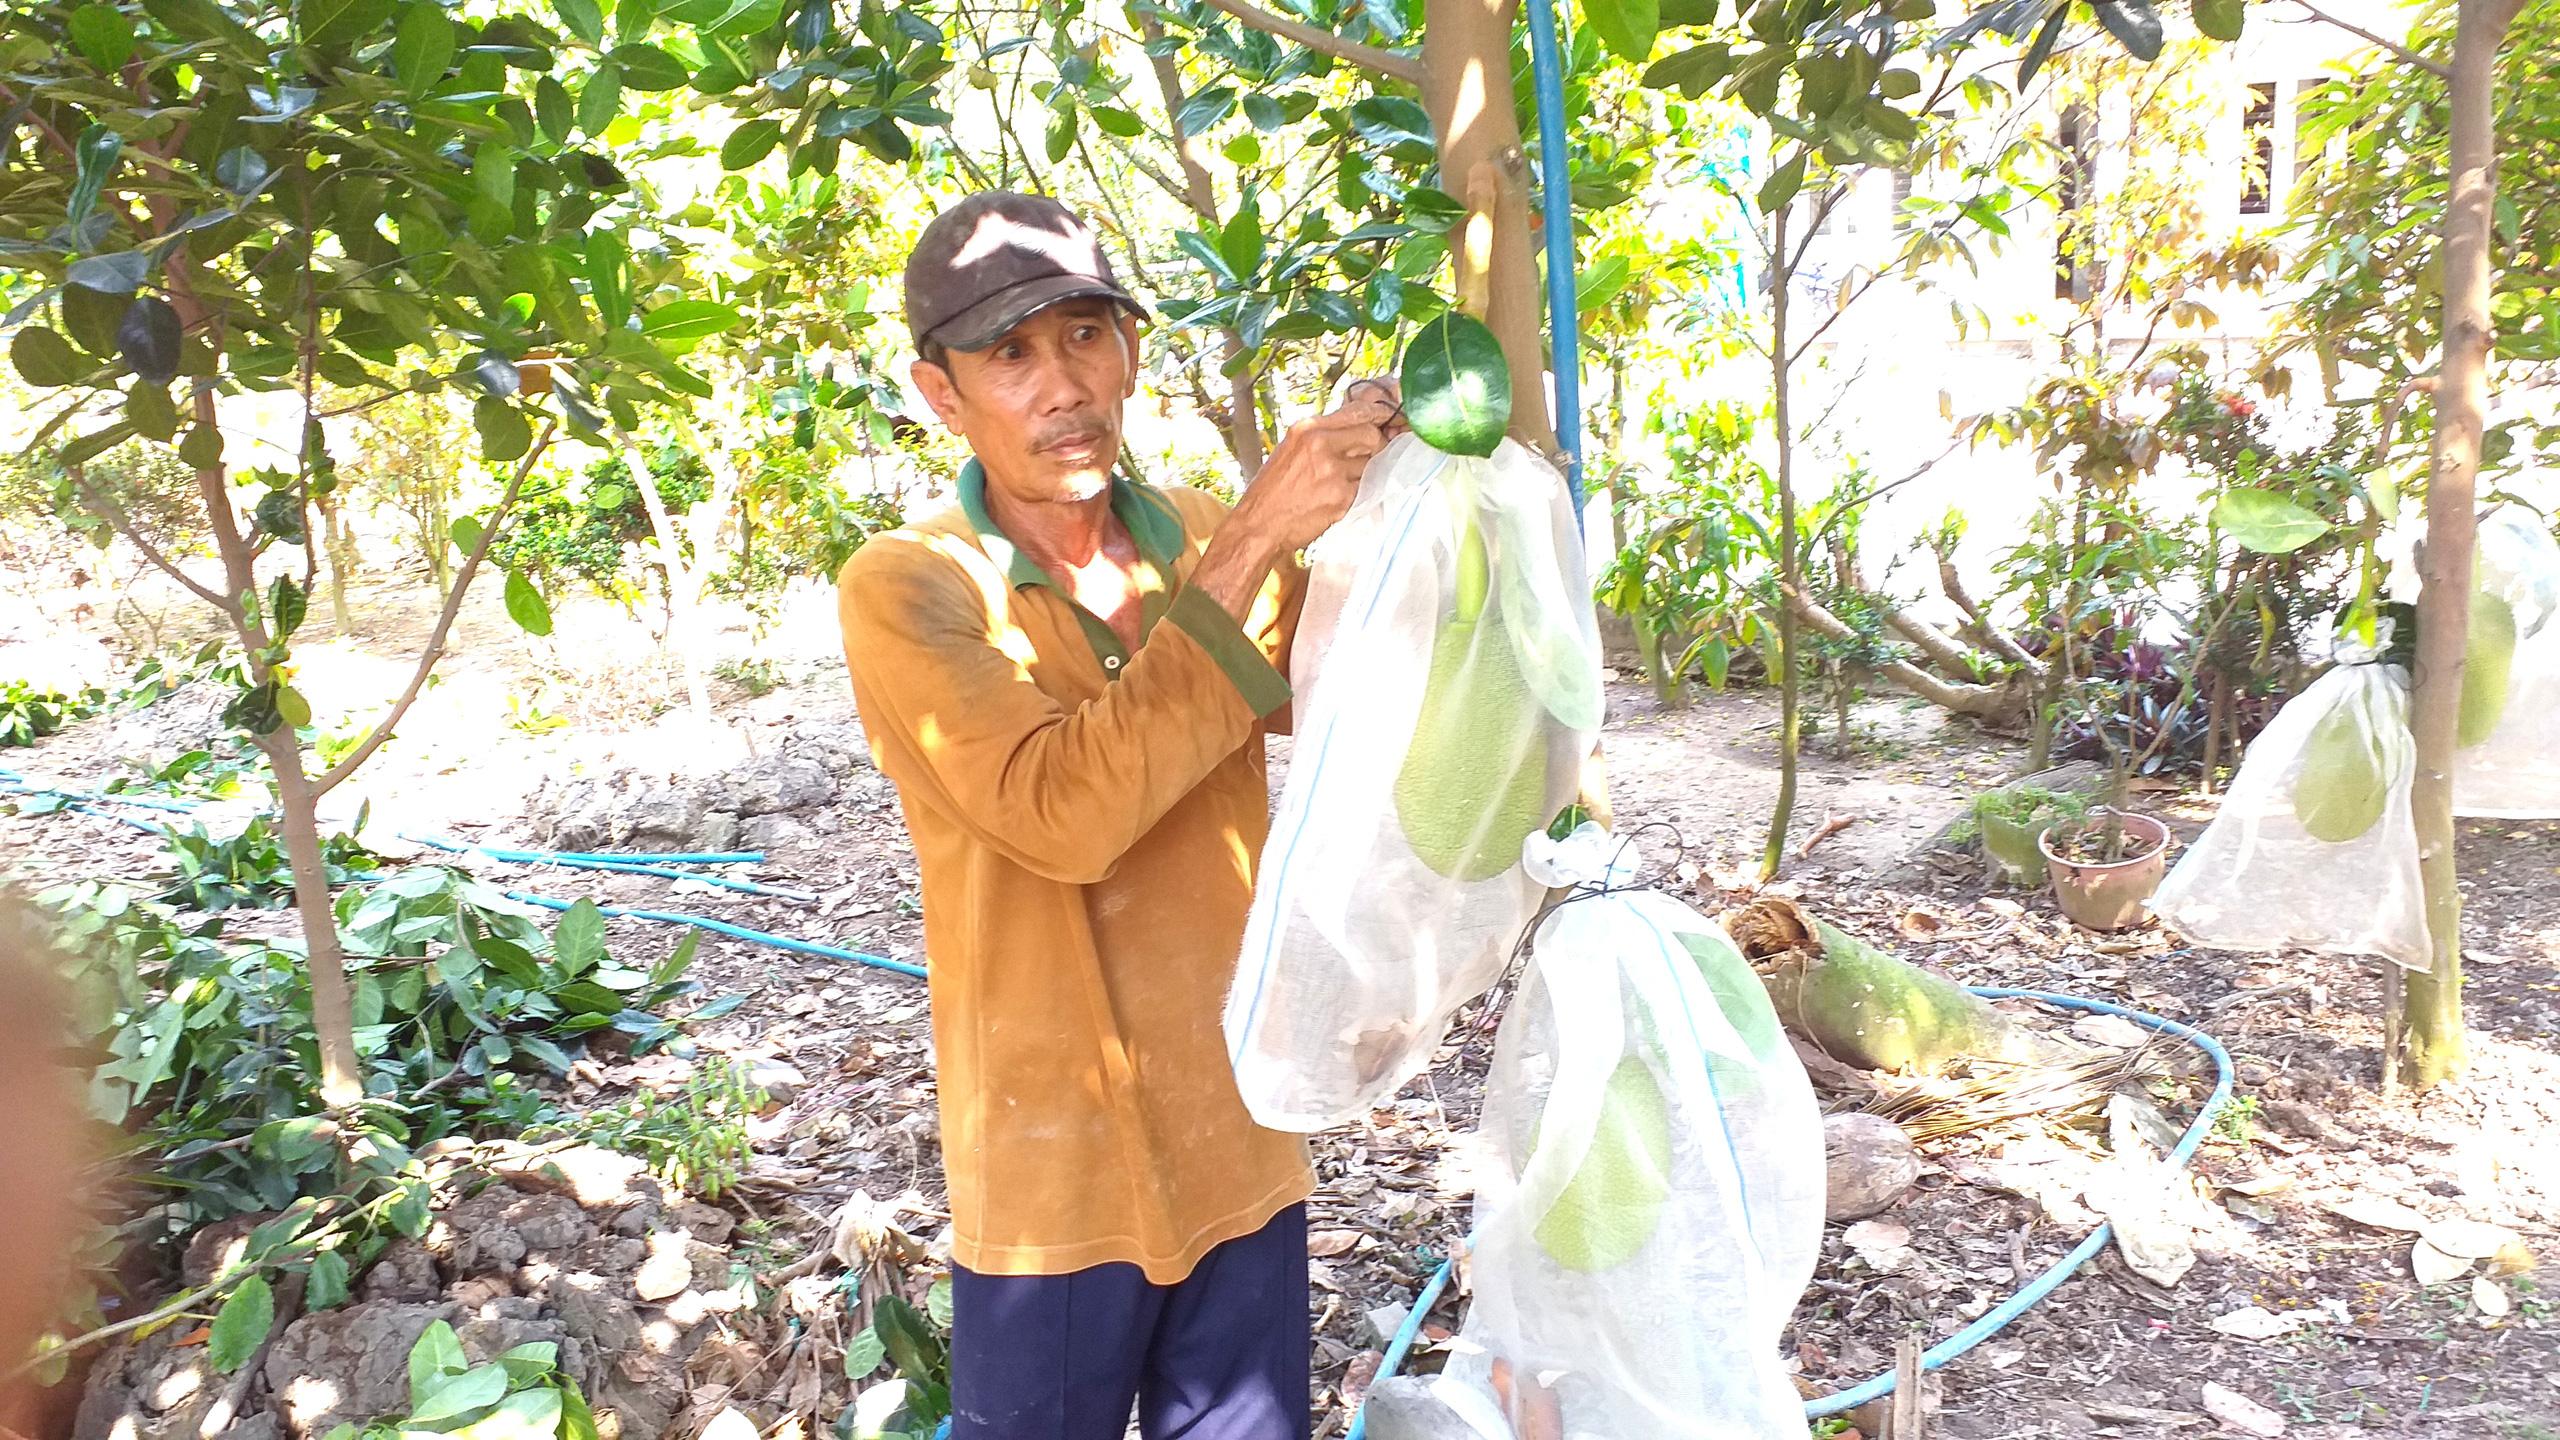 Giá mít còn 500 đồng/kg, chủ vườn đau đớn làm điều này  - Ảnh 3.